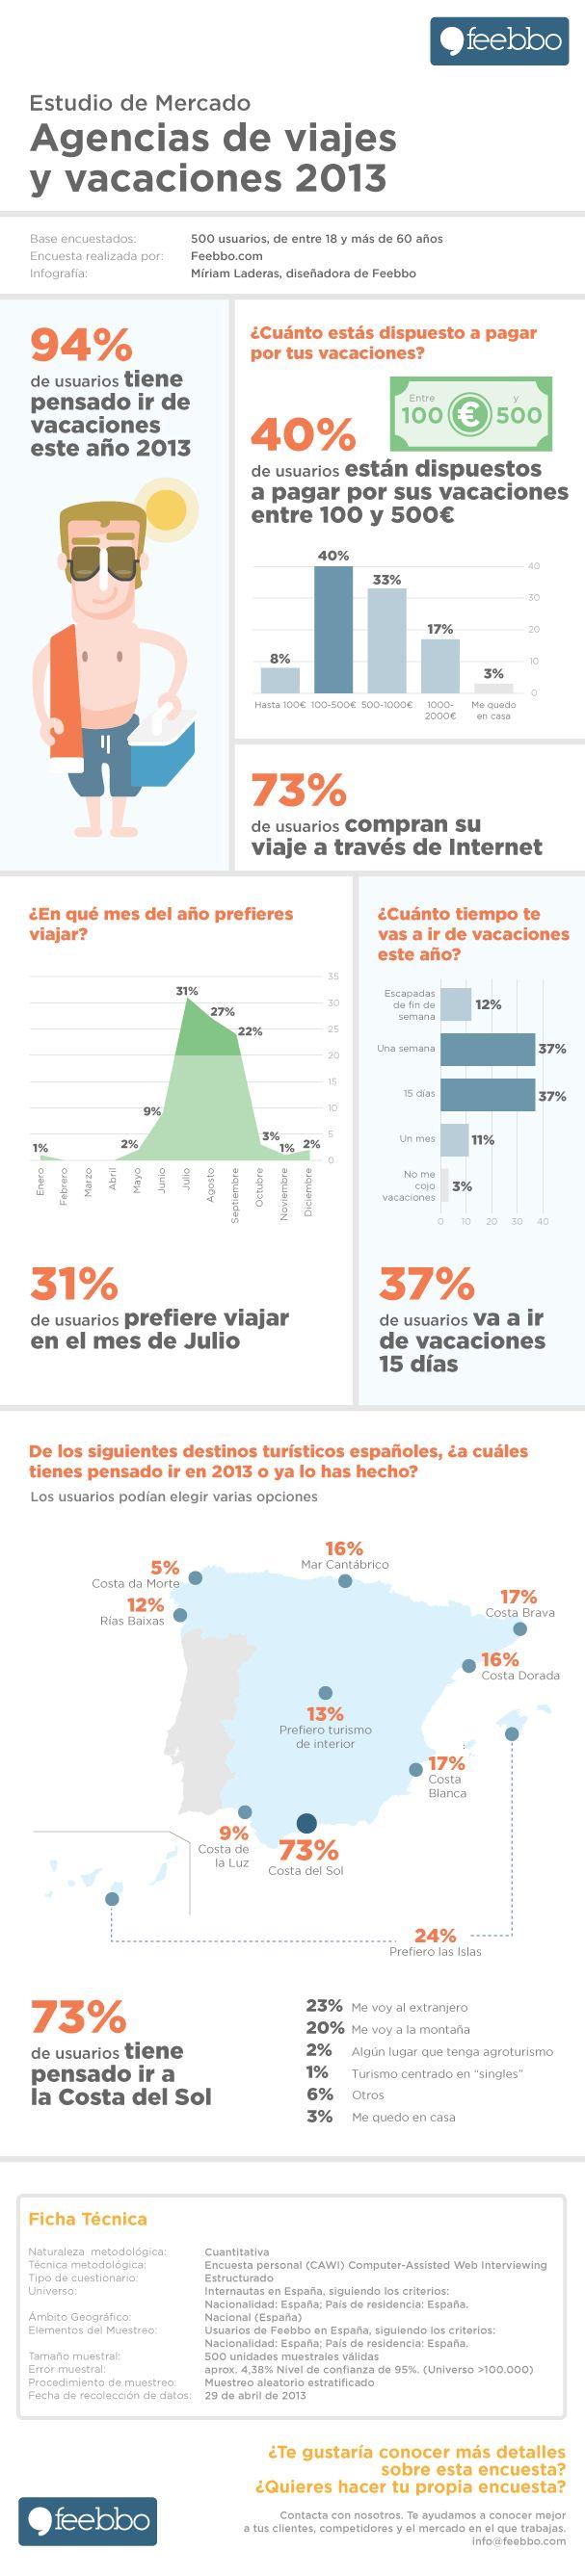 Agencias de viajes y vacaciones 2013 #infografia